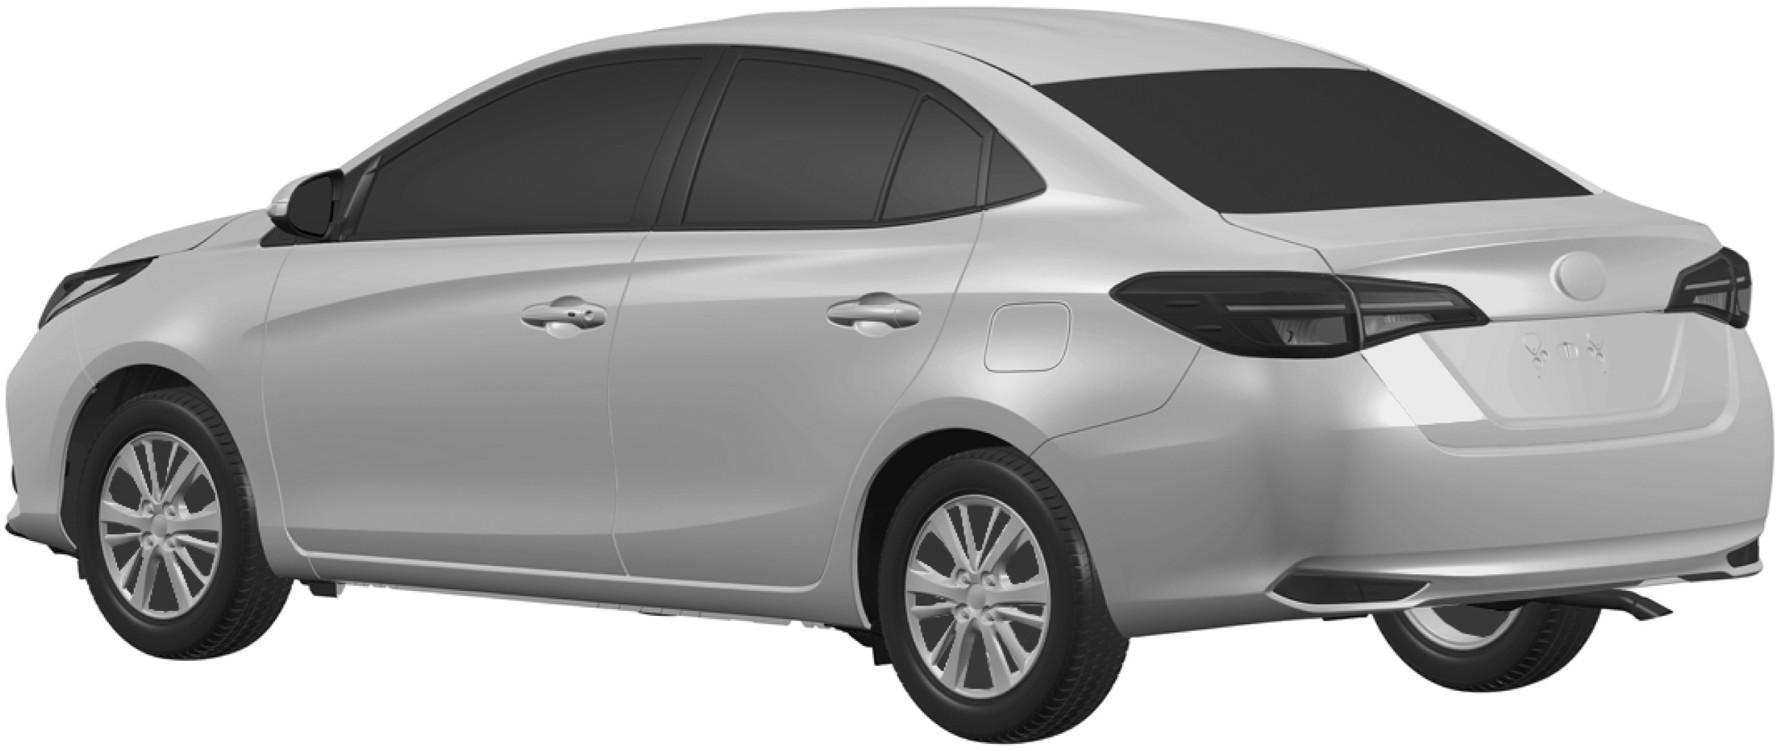 Toyota запатентовала в России бюджетный седан Vios